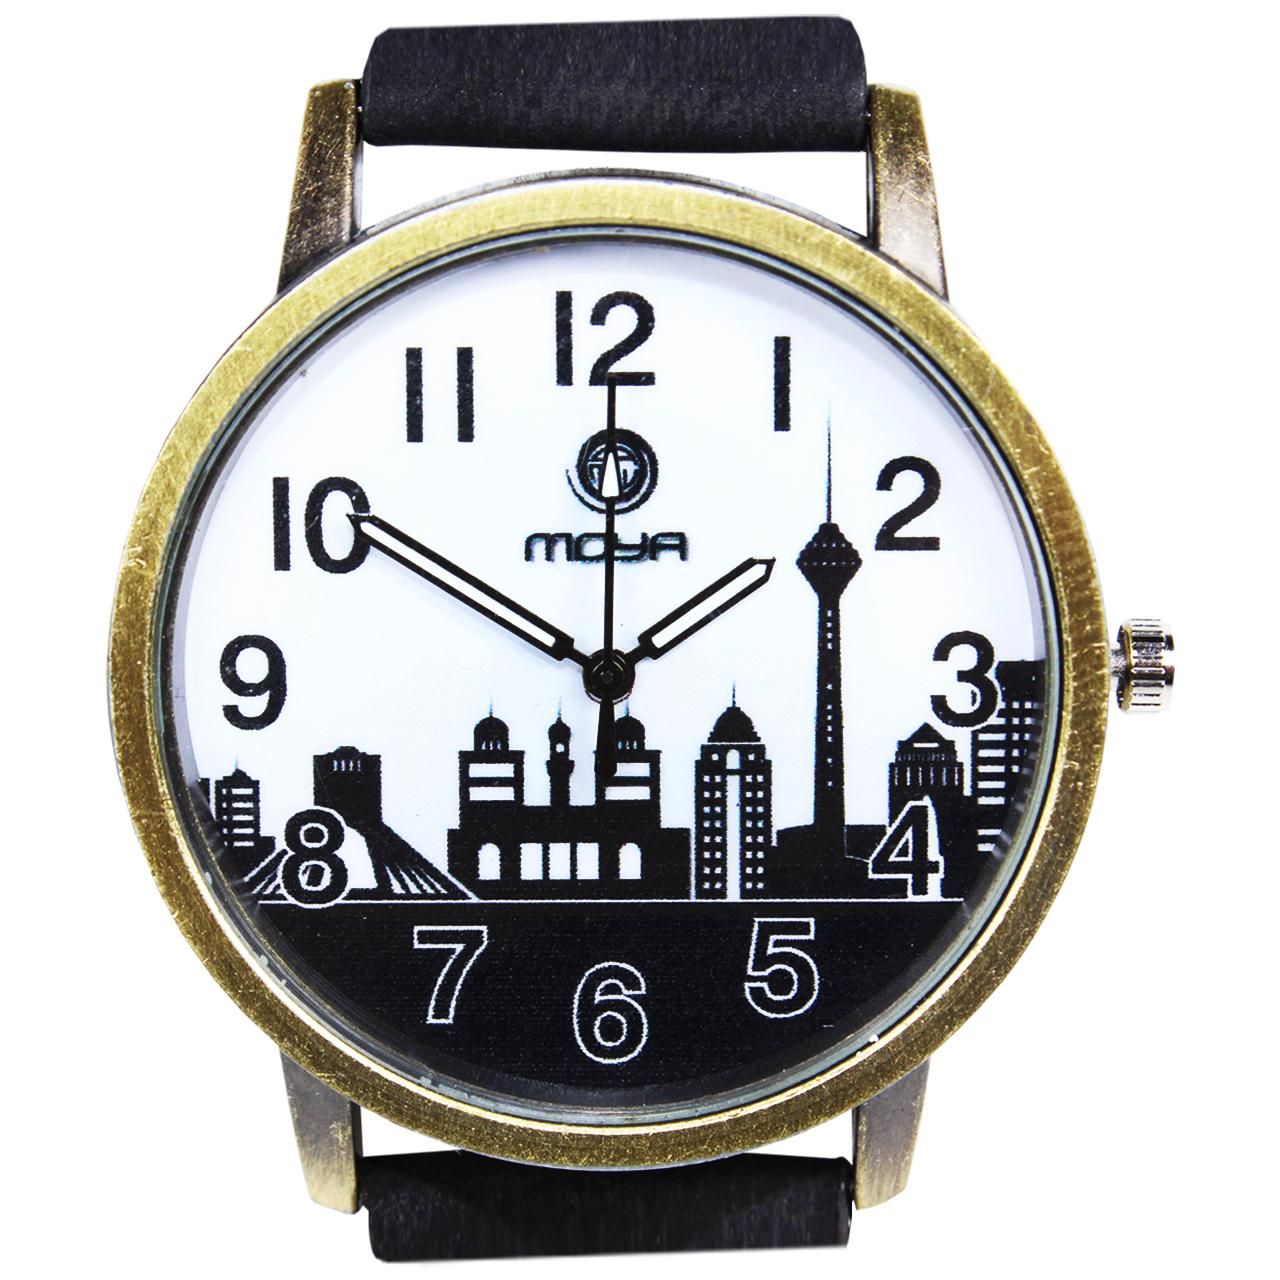 ساعت مچی عقربه ای  مردانه و زنانه طرح شهر کد 01 15